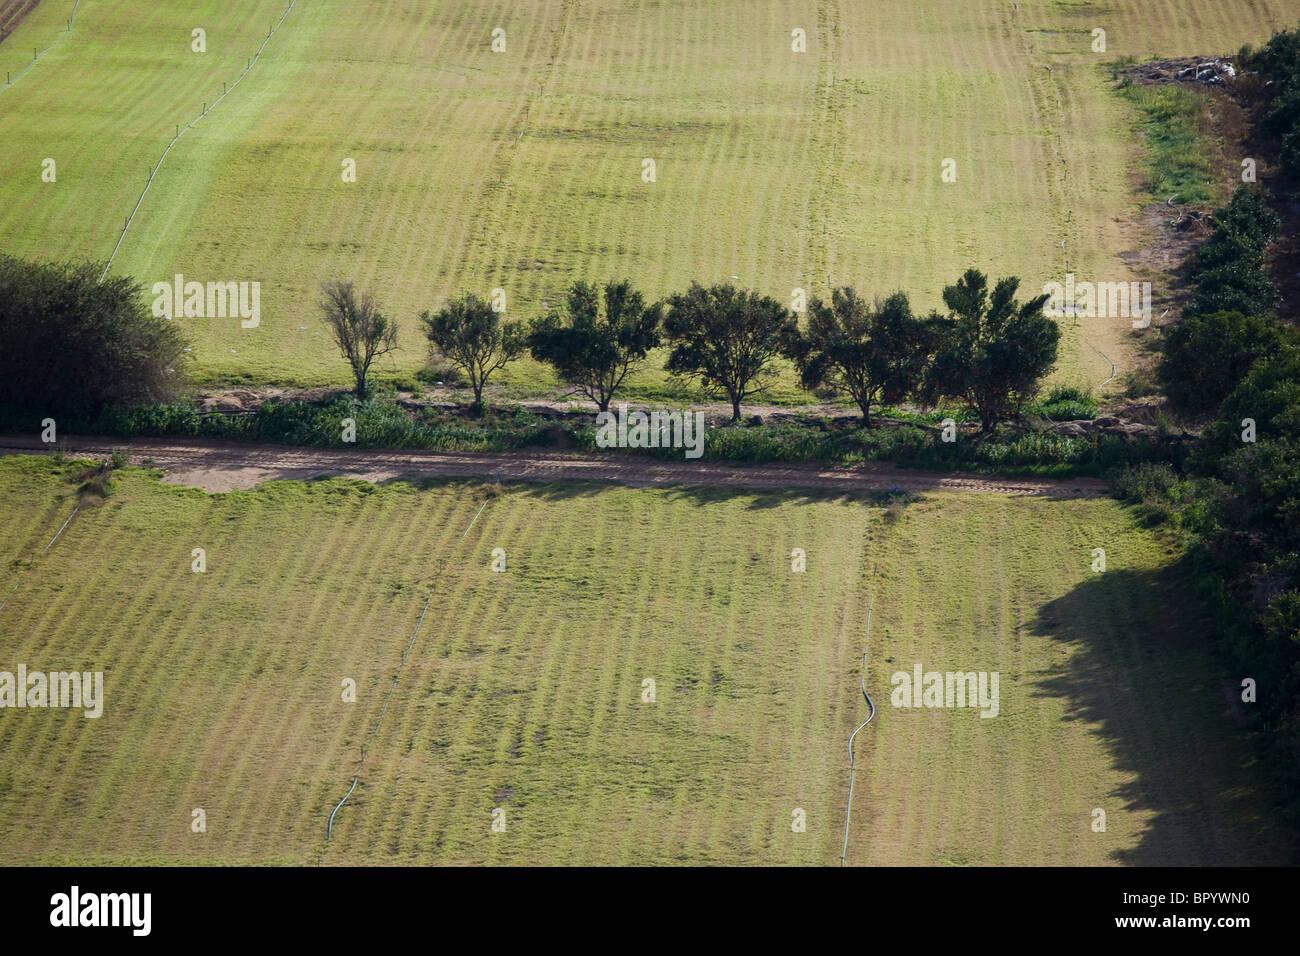 Vista aerea dell'agricoltura campi della Galilea Immagini Stock